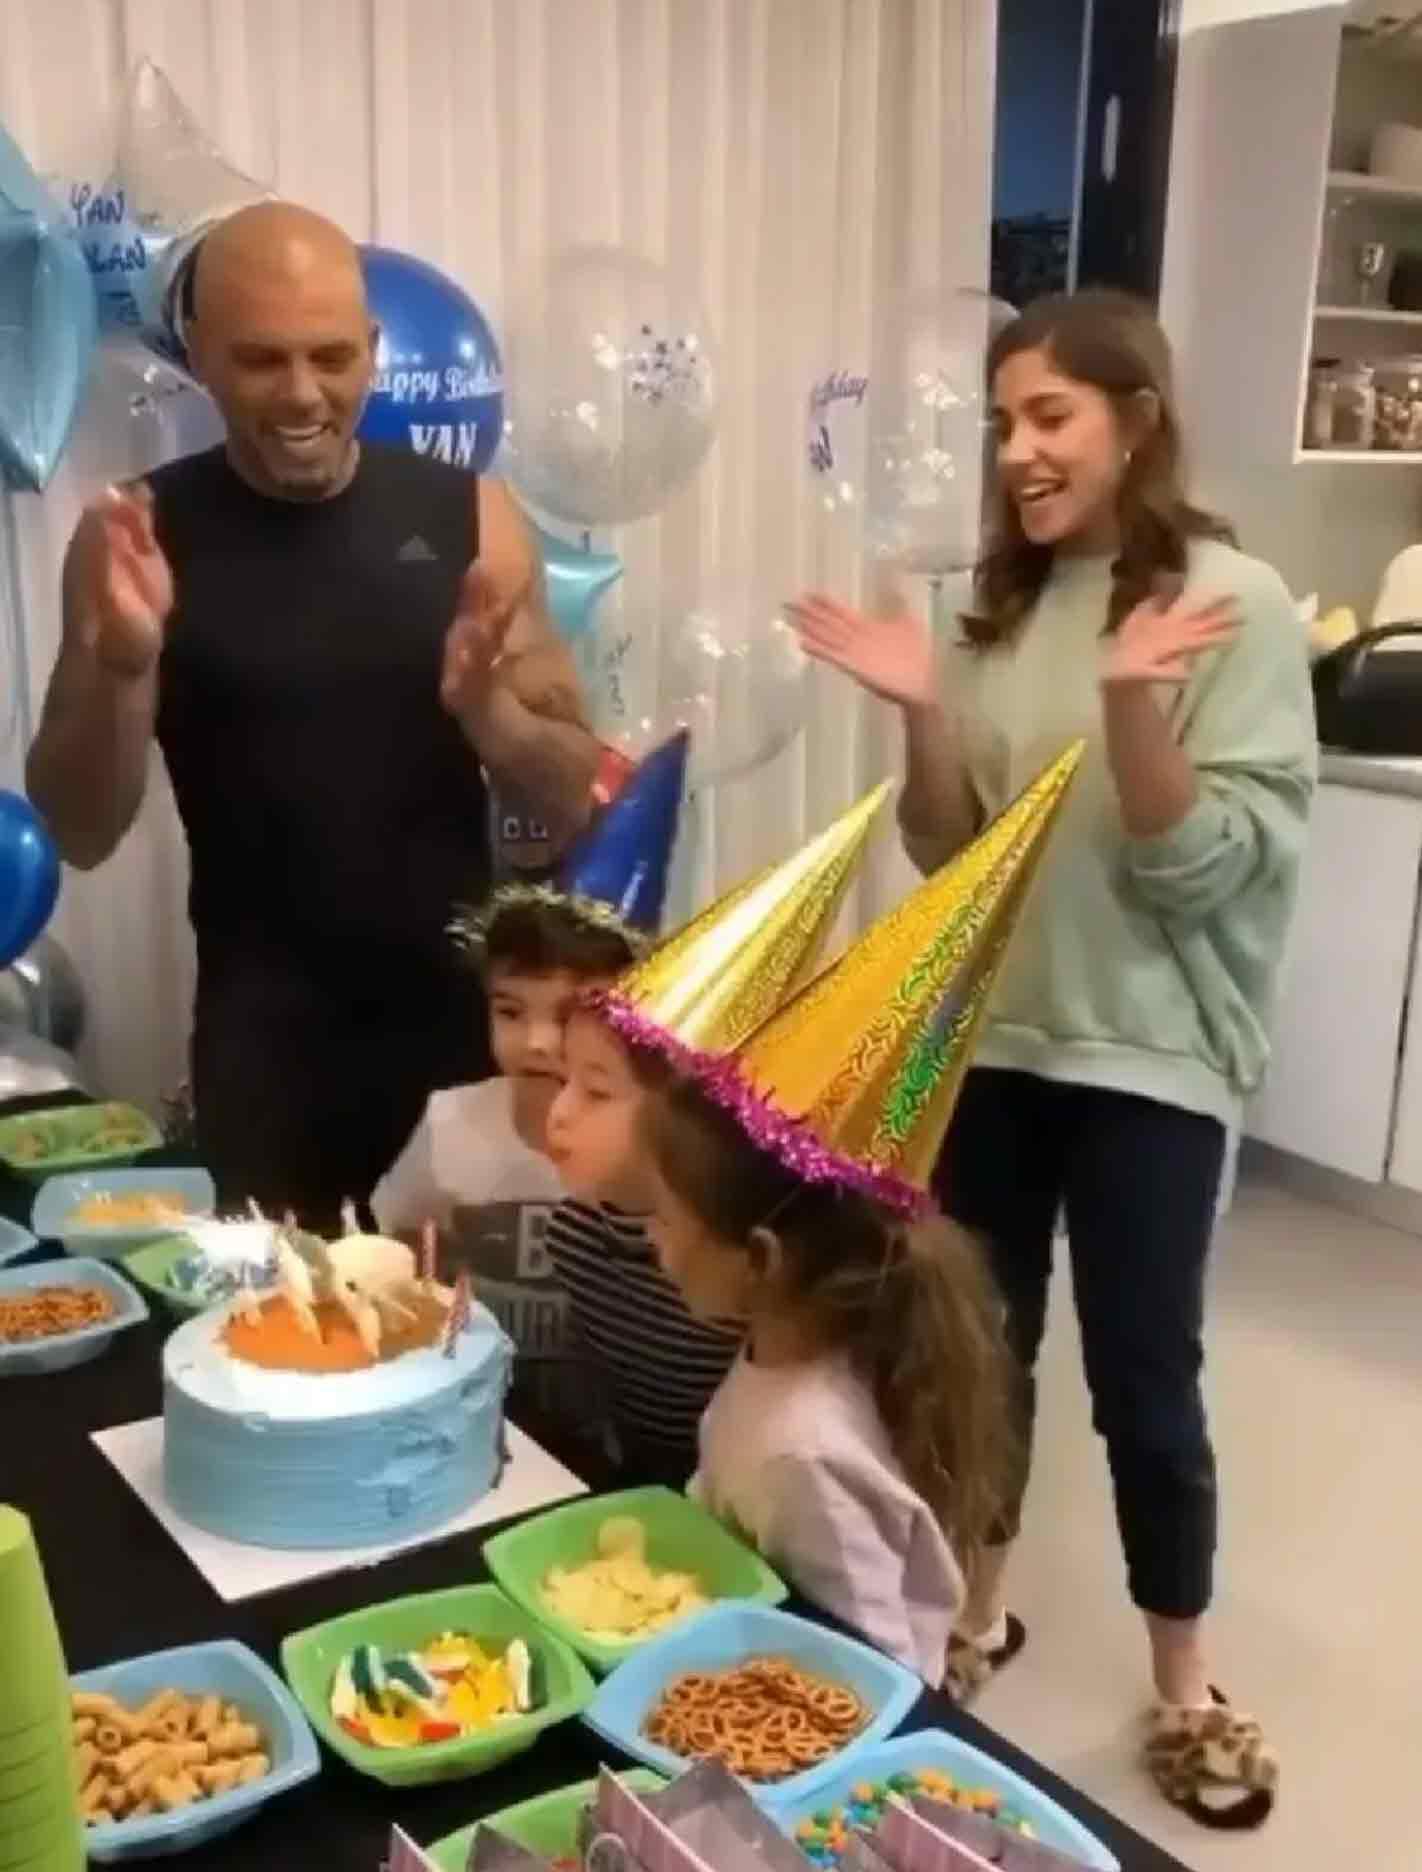 אייל גולן ודניאל גרינברג חוגגים ליאן יומולדת בלי אמא רוסלנה!